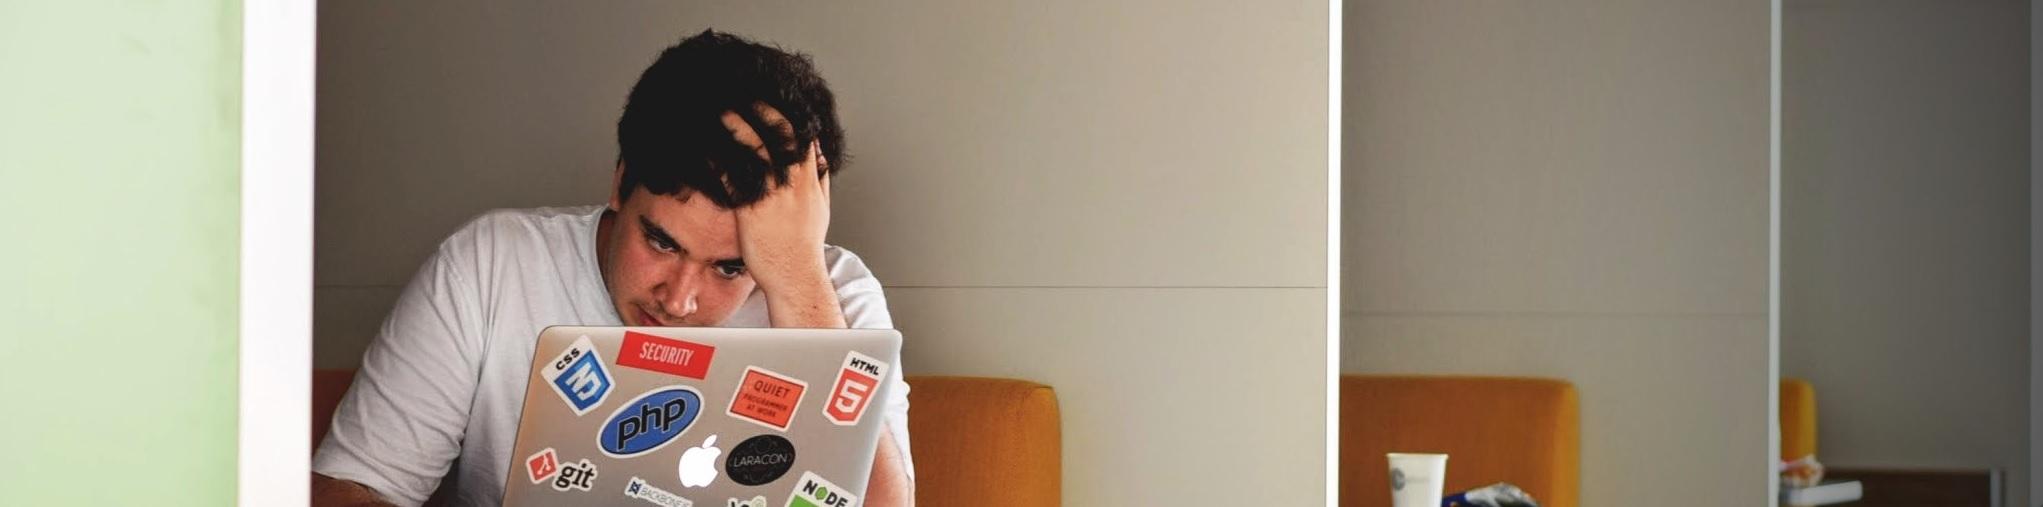 frustratie-wachten-webcare